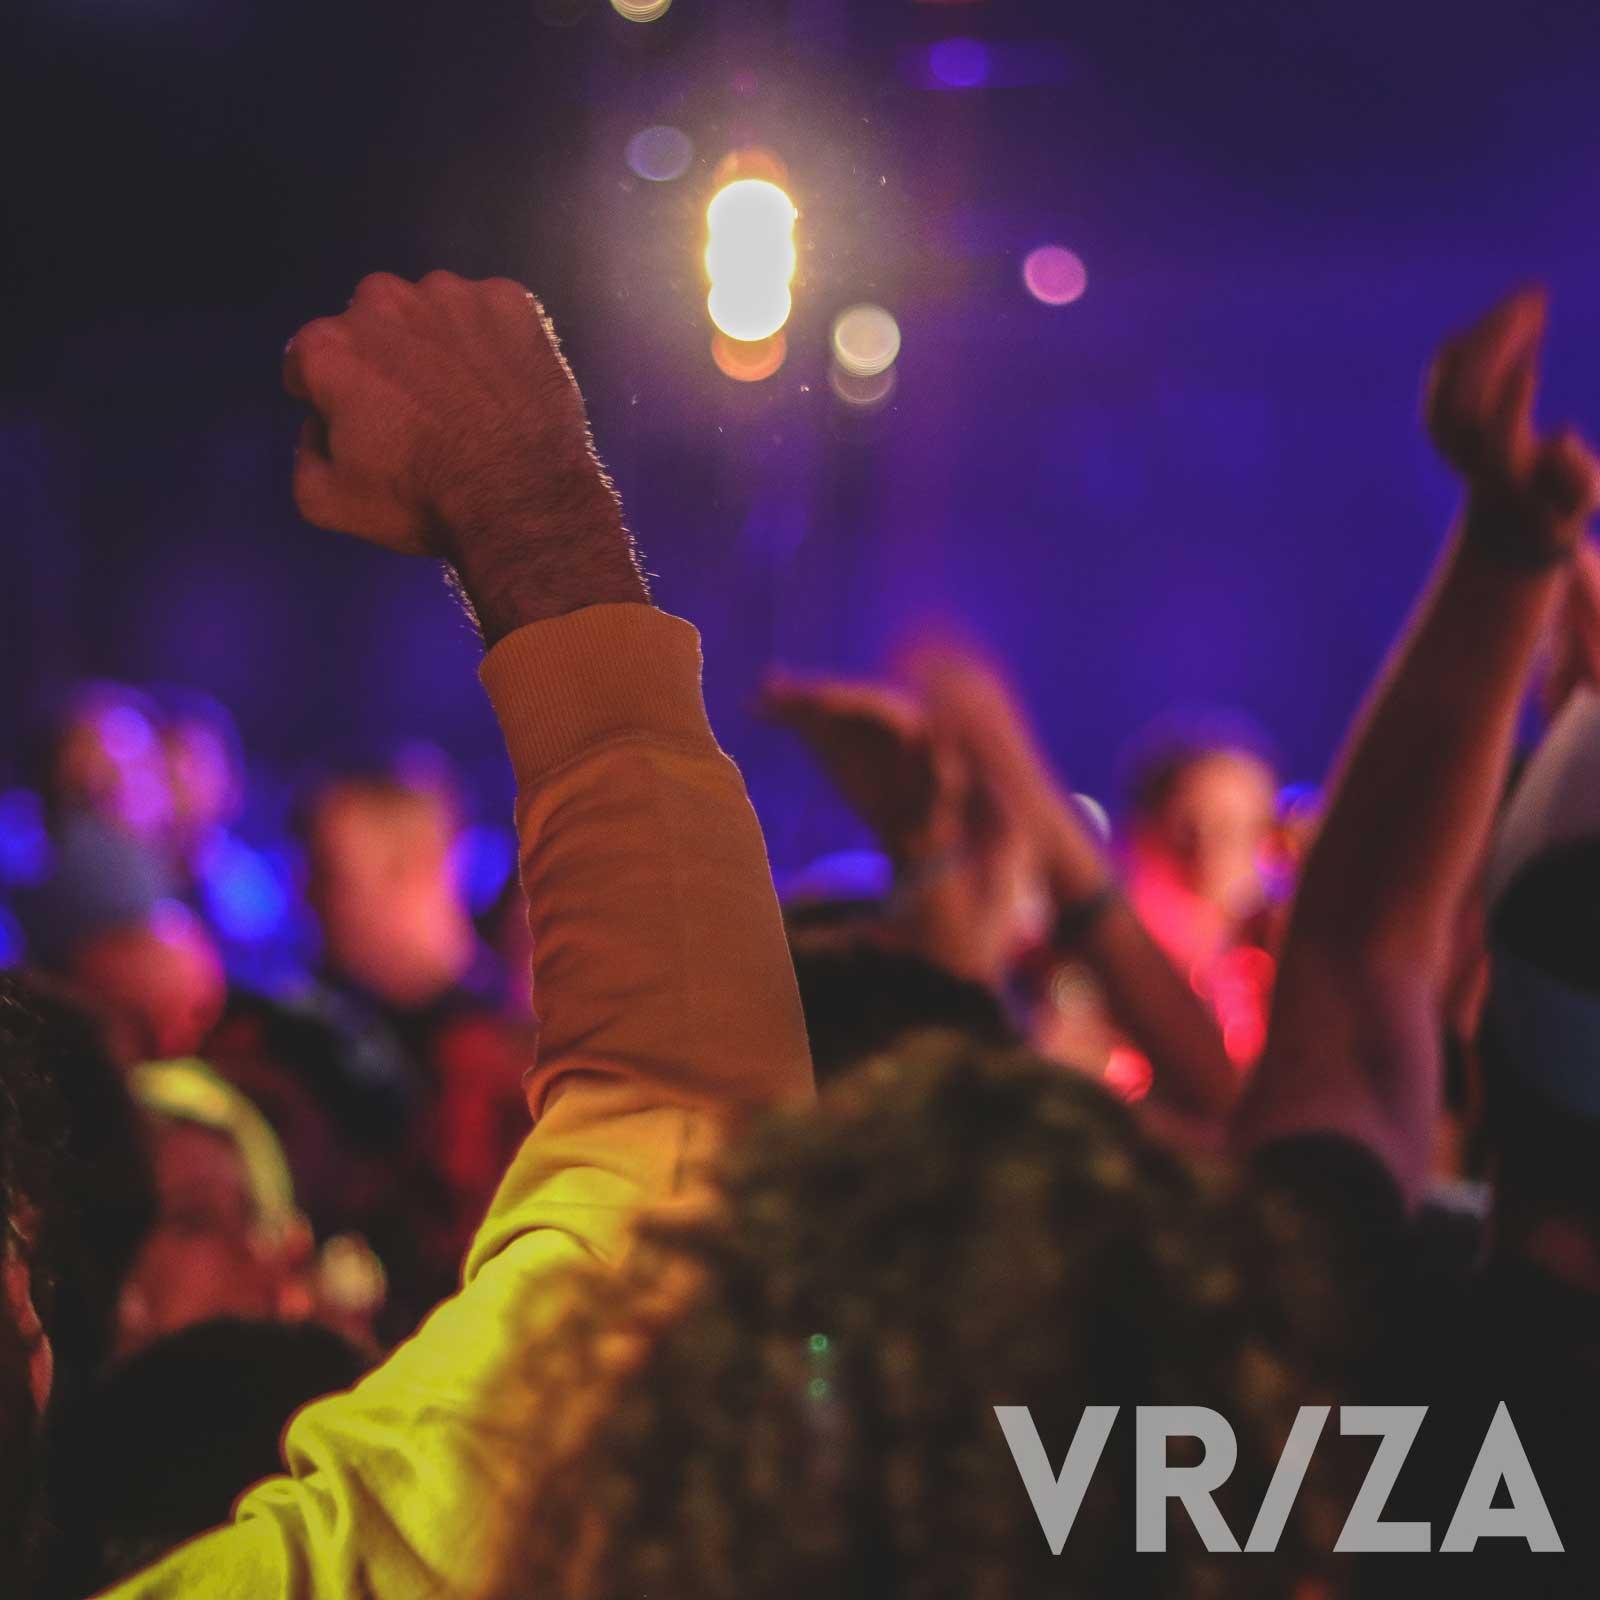 Elke vrijdag- en zaterdagnacht draait er een vinyl DJ vanaf 20:00 en tussen 23:00 en 04:30 kan jij dansmoves komen showen, geleid door de funky house, latin house, dance, house en club classics van onze resident DJ's. Minimum leeftijd is 23!